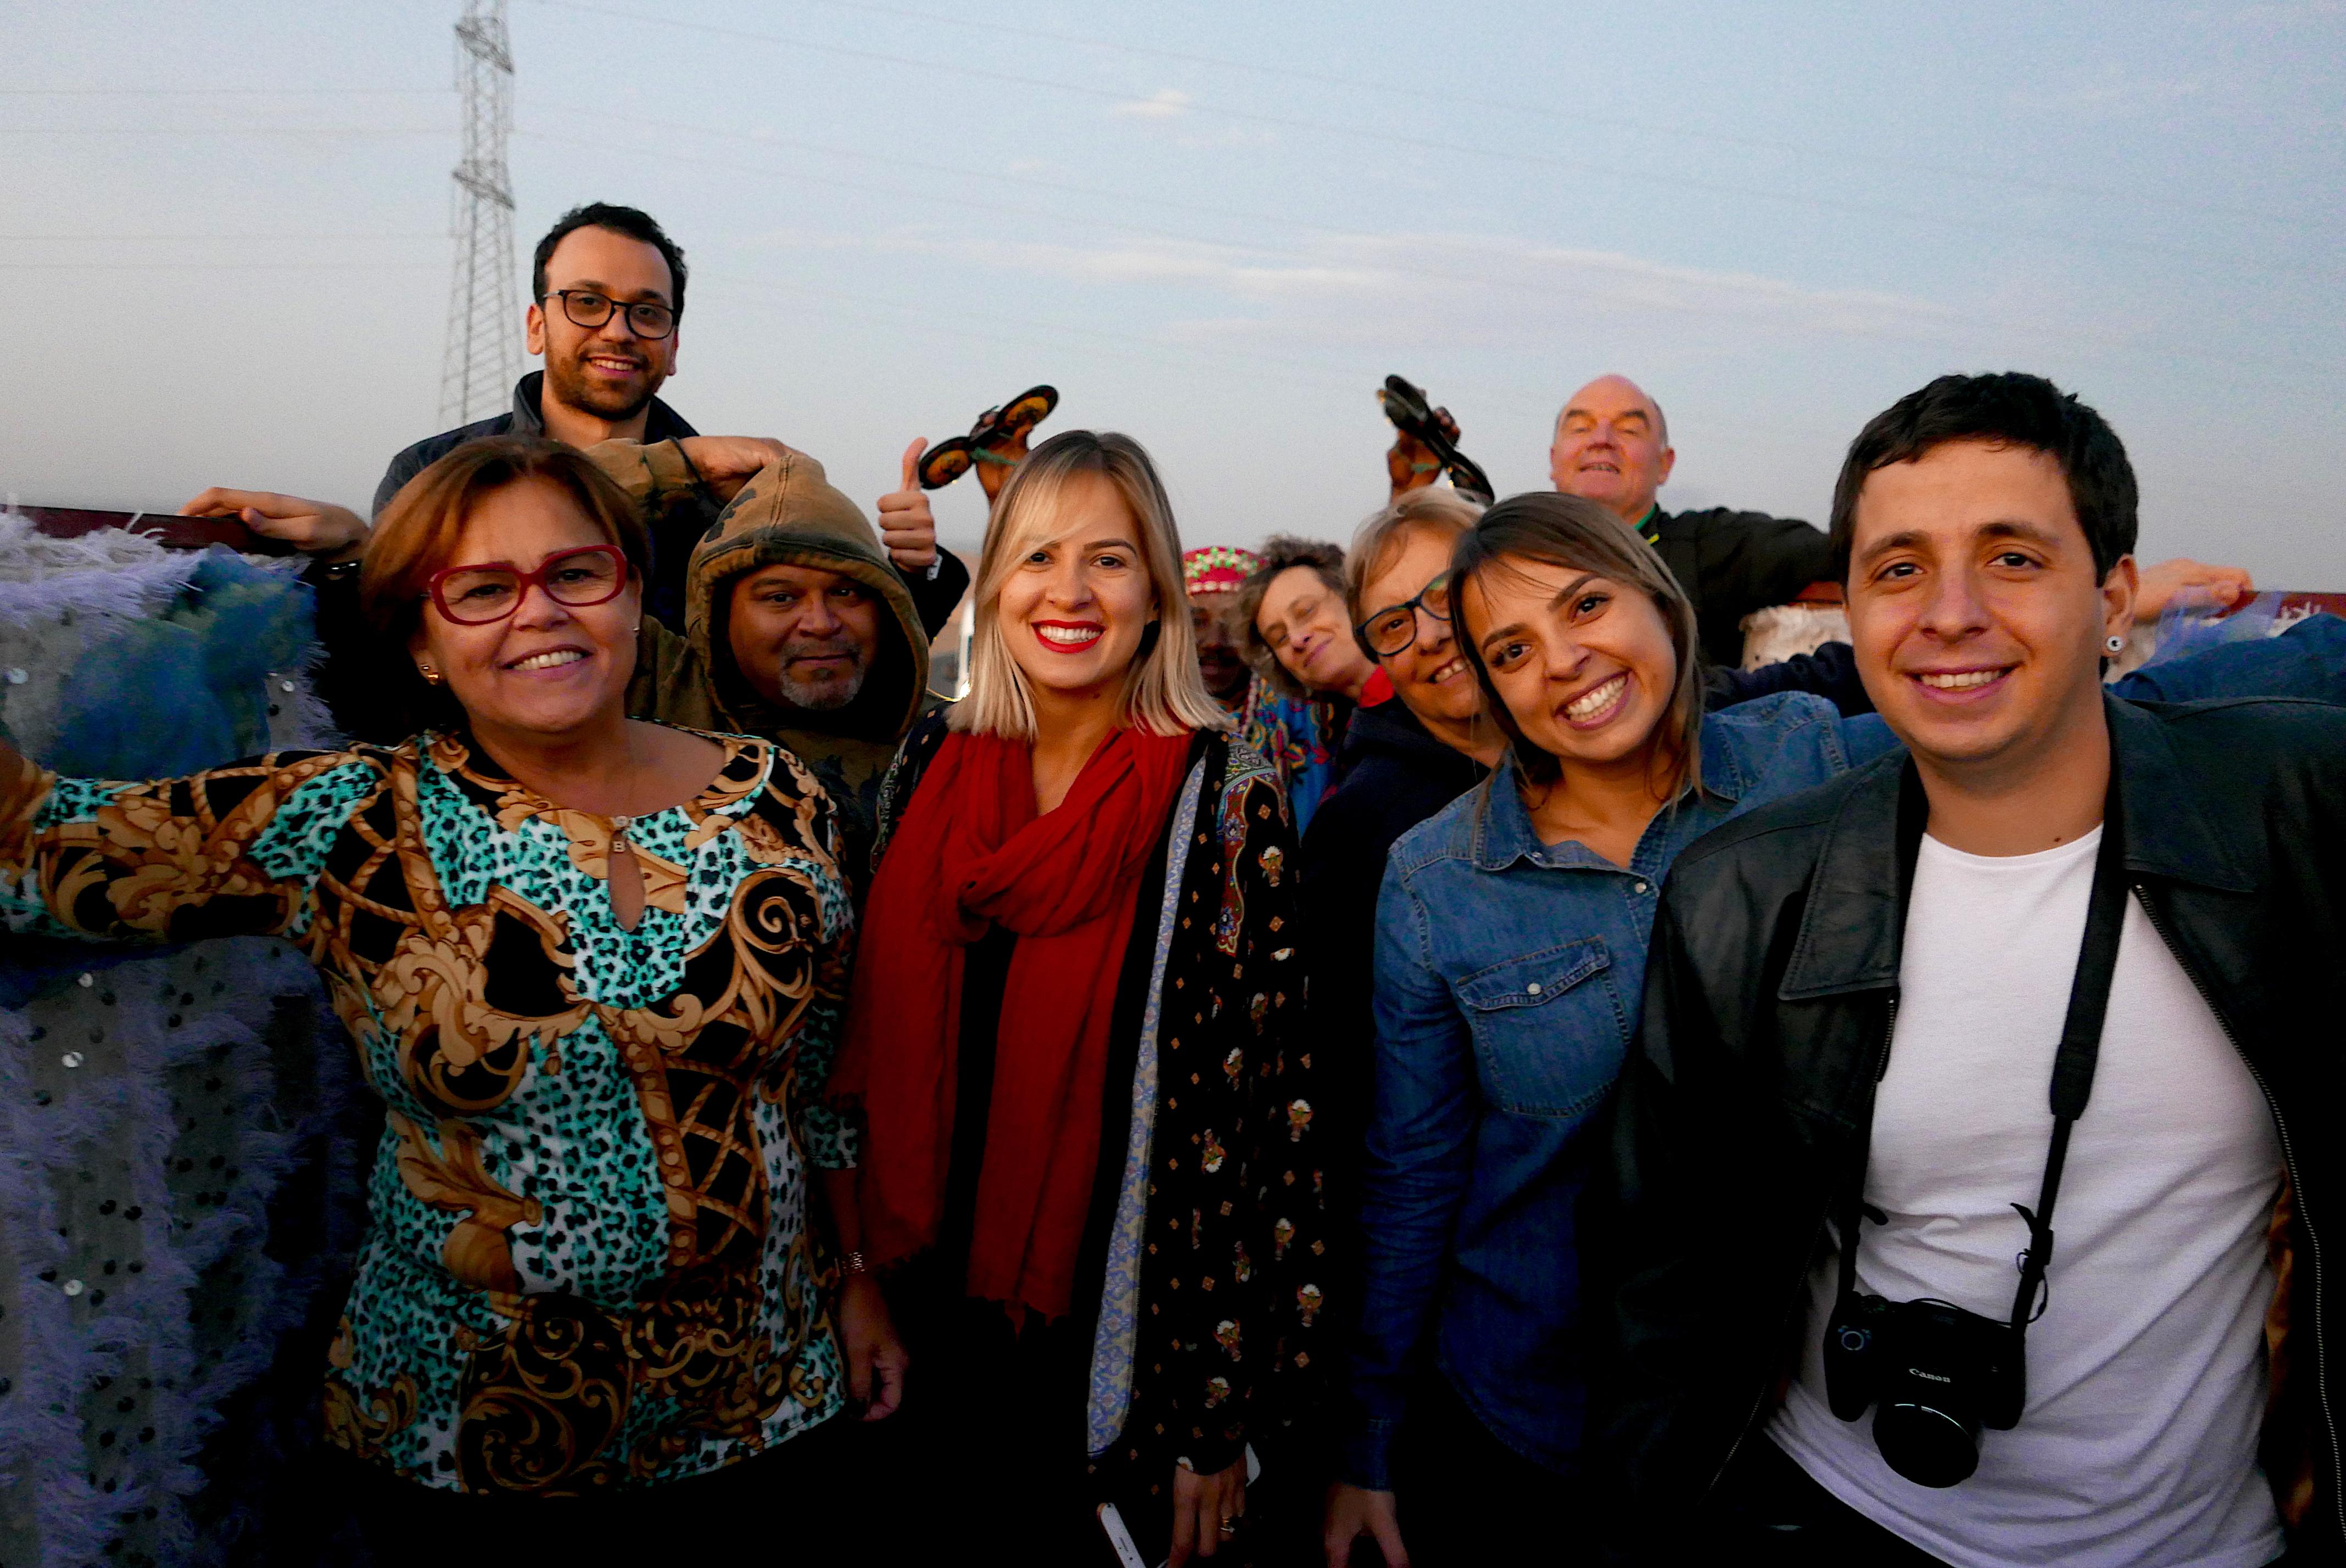 """A bordo de um """"espaço de eventos sobre 4 rodas"""" os participantes do famtour Hello Brazil + KTI Voyages seguem rumo ao Deserto de Agafay, no Marrocos"""